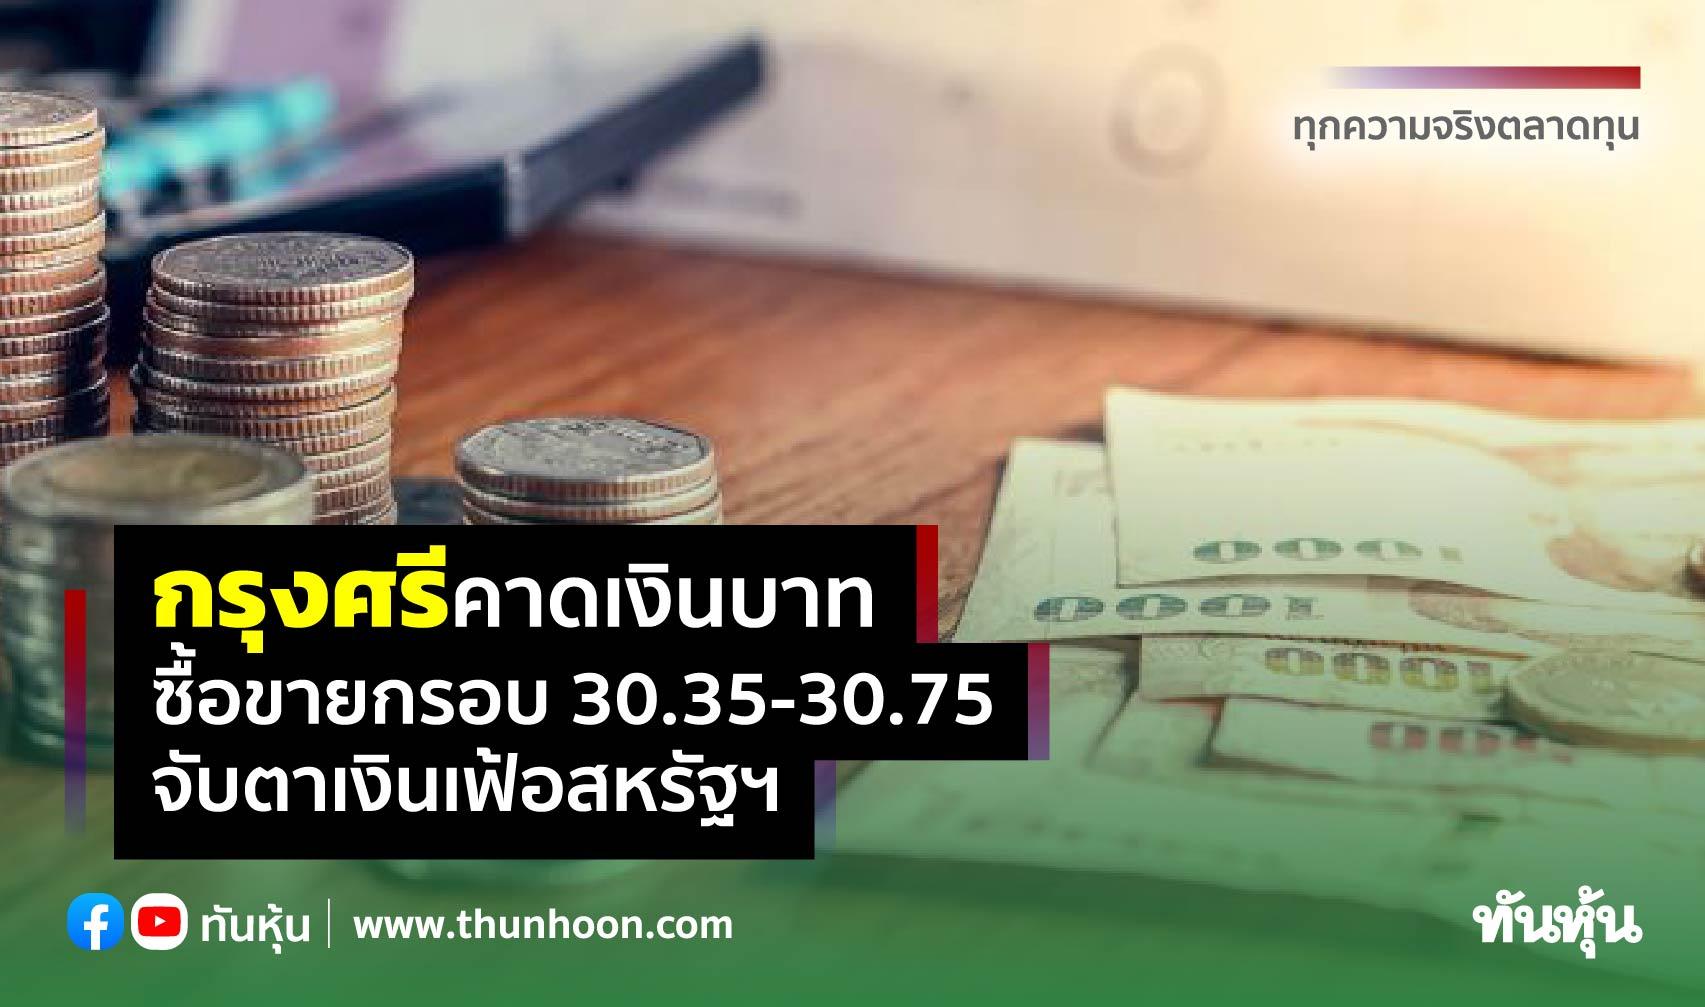 กรุงศรีคาดเงินบาท ซื้อขายกรอบ 30.35-30.75 จับตาเงินเฟ้อสหรัฐฯ